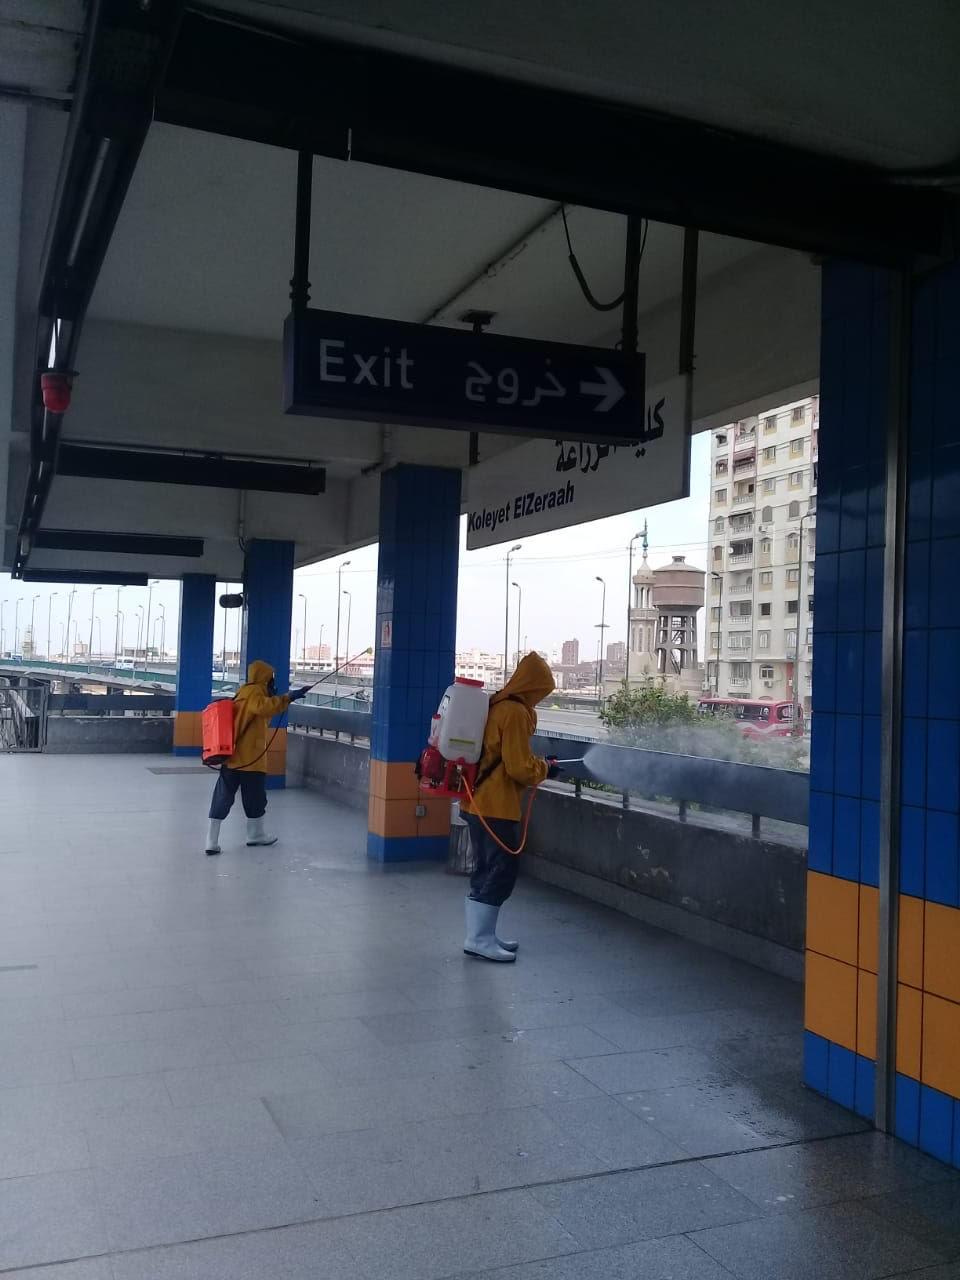 المترو يواصل أعمال تعقيم وتطهير القطارات والمحطات ضد كورونا (37)